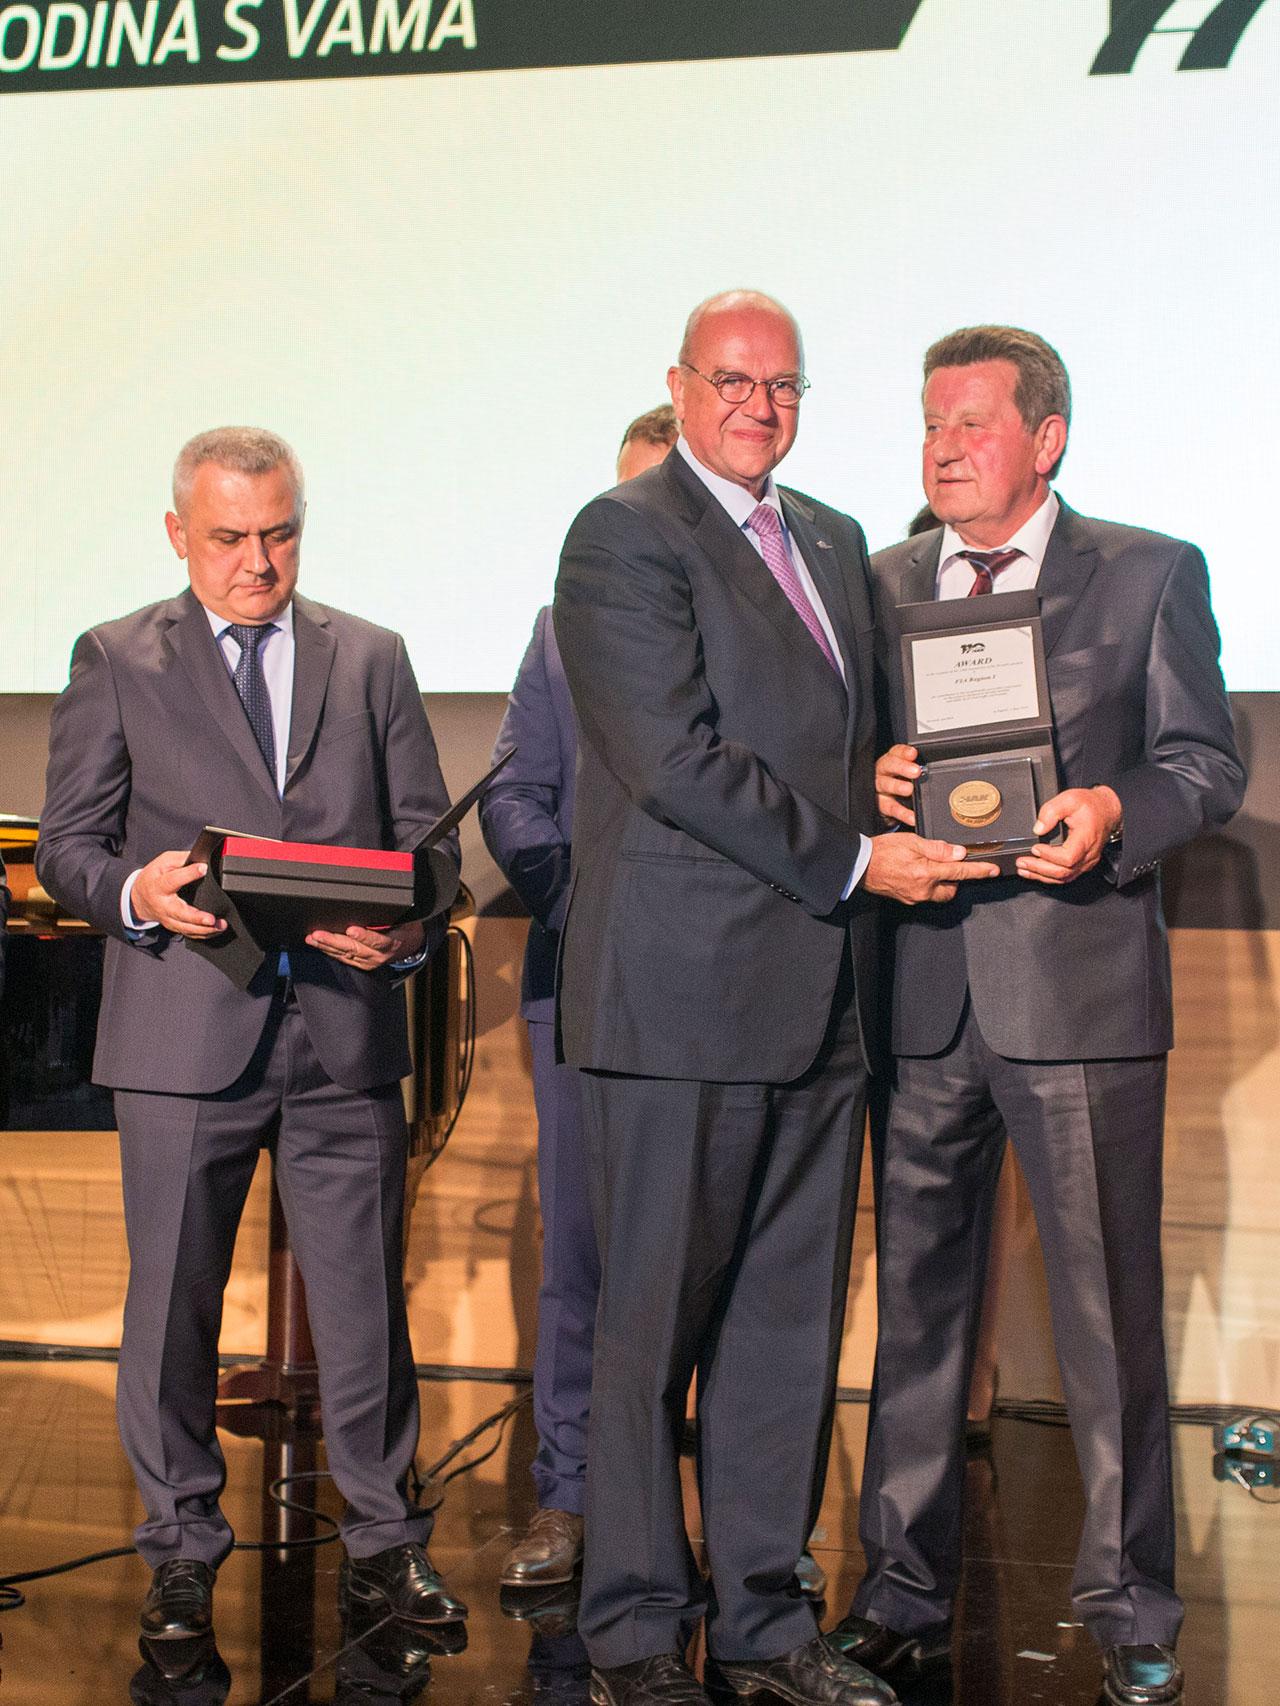 Predsjednik HAK-a g. Slavko Tušek uručuje priznanje HAK-a g. Thierryju Willemarcku, predsjedniku FIA regije I; zamjenik predsjednika HAK-a Ivo Bikić u pozadini